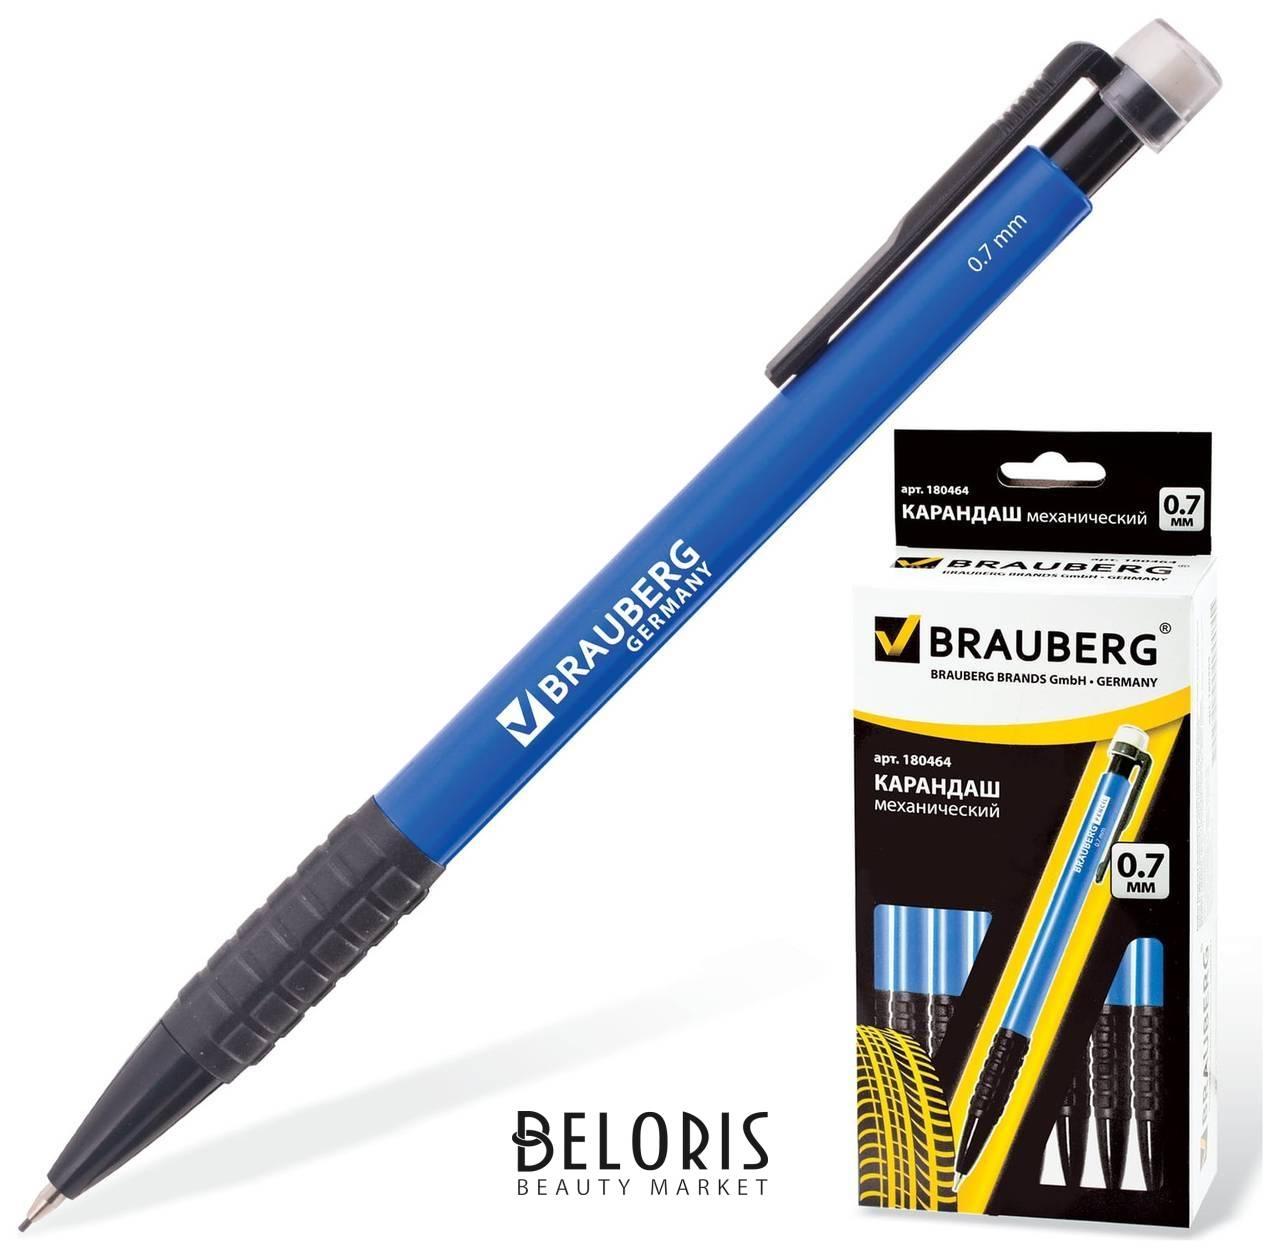 Карандаш механический Brauberg Comfort, корпус синий, резиновый грип, ластик, 0,7 мм Brauberg